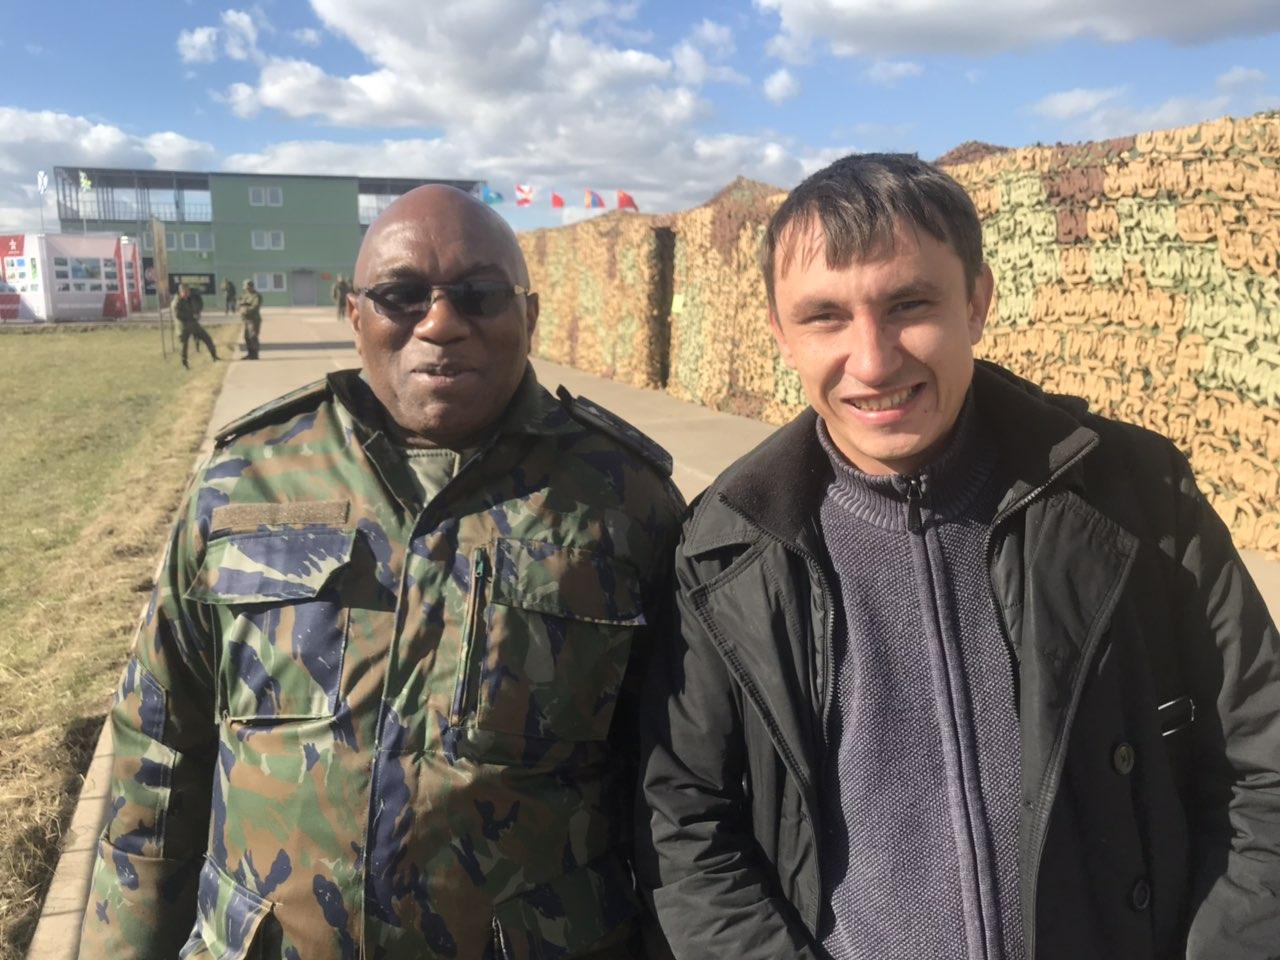 Военный атташе из Мозамбика высоко оценил военные учения на Цуголе